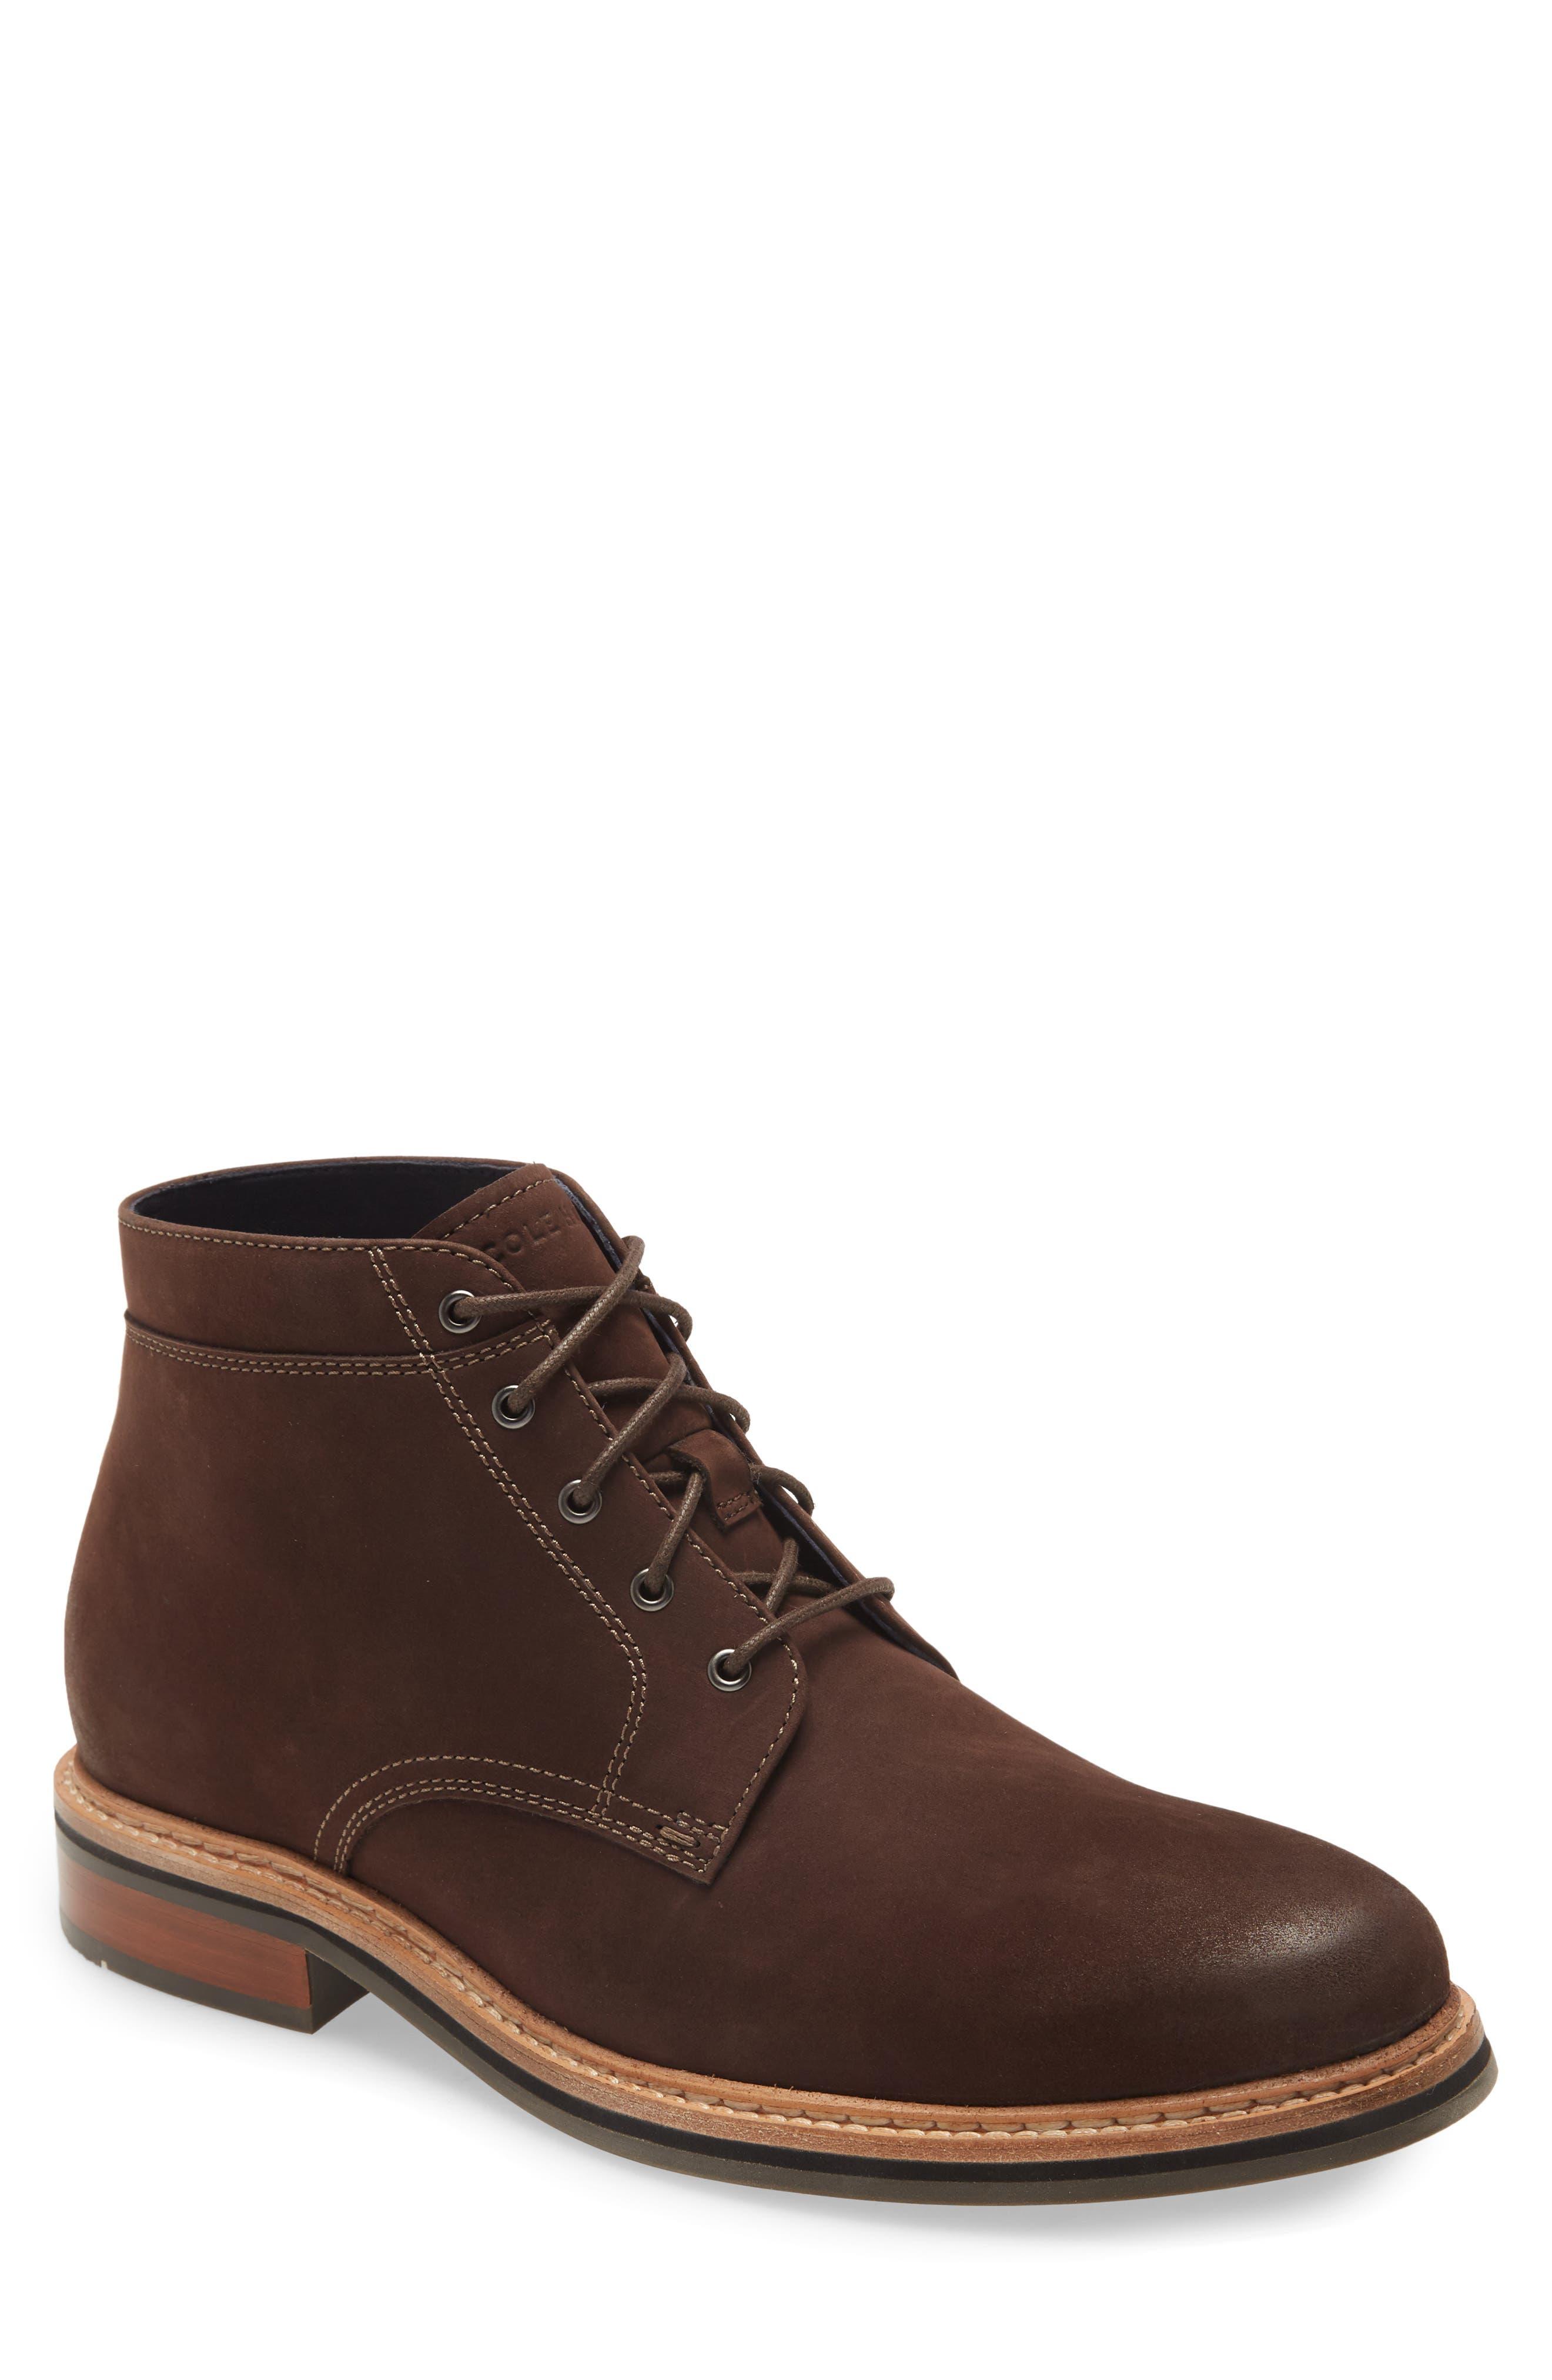 Mens Cole Haan Boots | Nordstrom